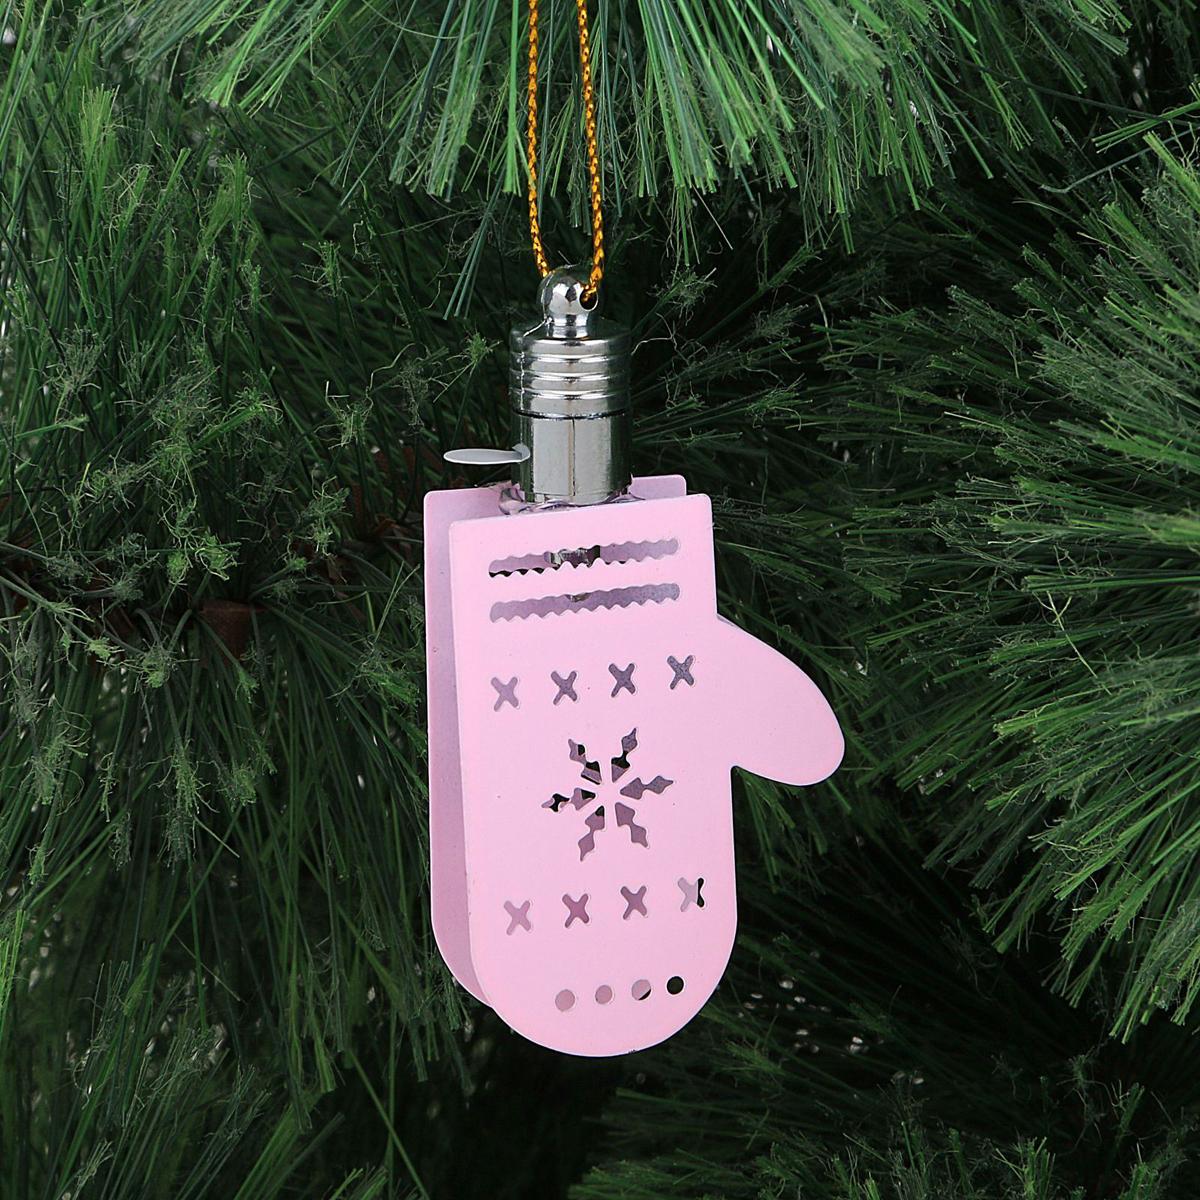 Подвеска новогодняя Luazon Lighting Варежка, световая, цвет: розовый, длина 7,5 см2327160Световая новогодняя подвеска Luazon Lighting Варежка выполнена из металла в виде варежки. Елочное украшение выглядит как простая елочная игрушка днем, но при этом остается видимой вечером. Просто включите изделие с наступлением темноты, и оно украсит елку огоньками. Подвеска Luazon Lighting Бабочка работает от батареек (входит в комплект) и пожаробезопасна, так как светодиоды не нагреваются, в отличие от ламп накаливания.